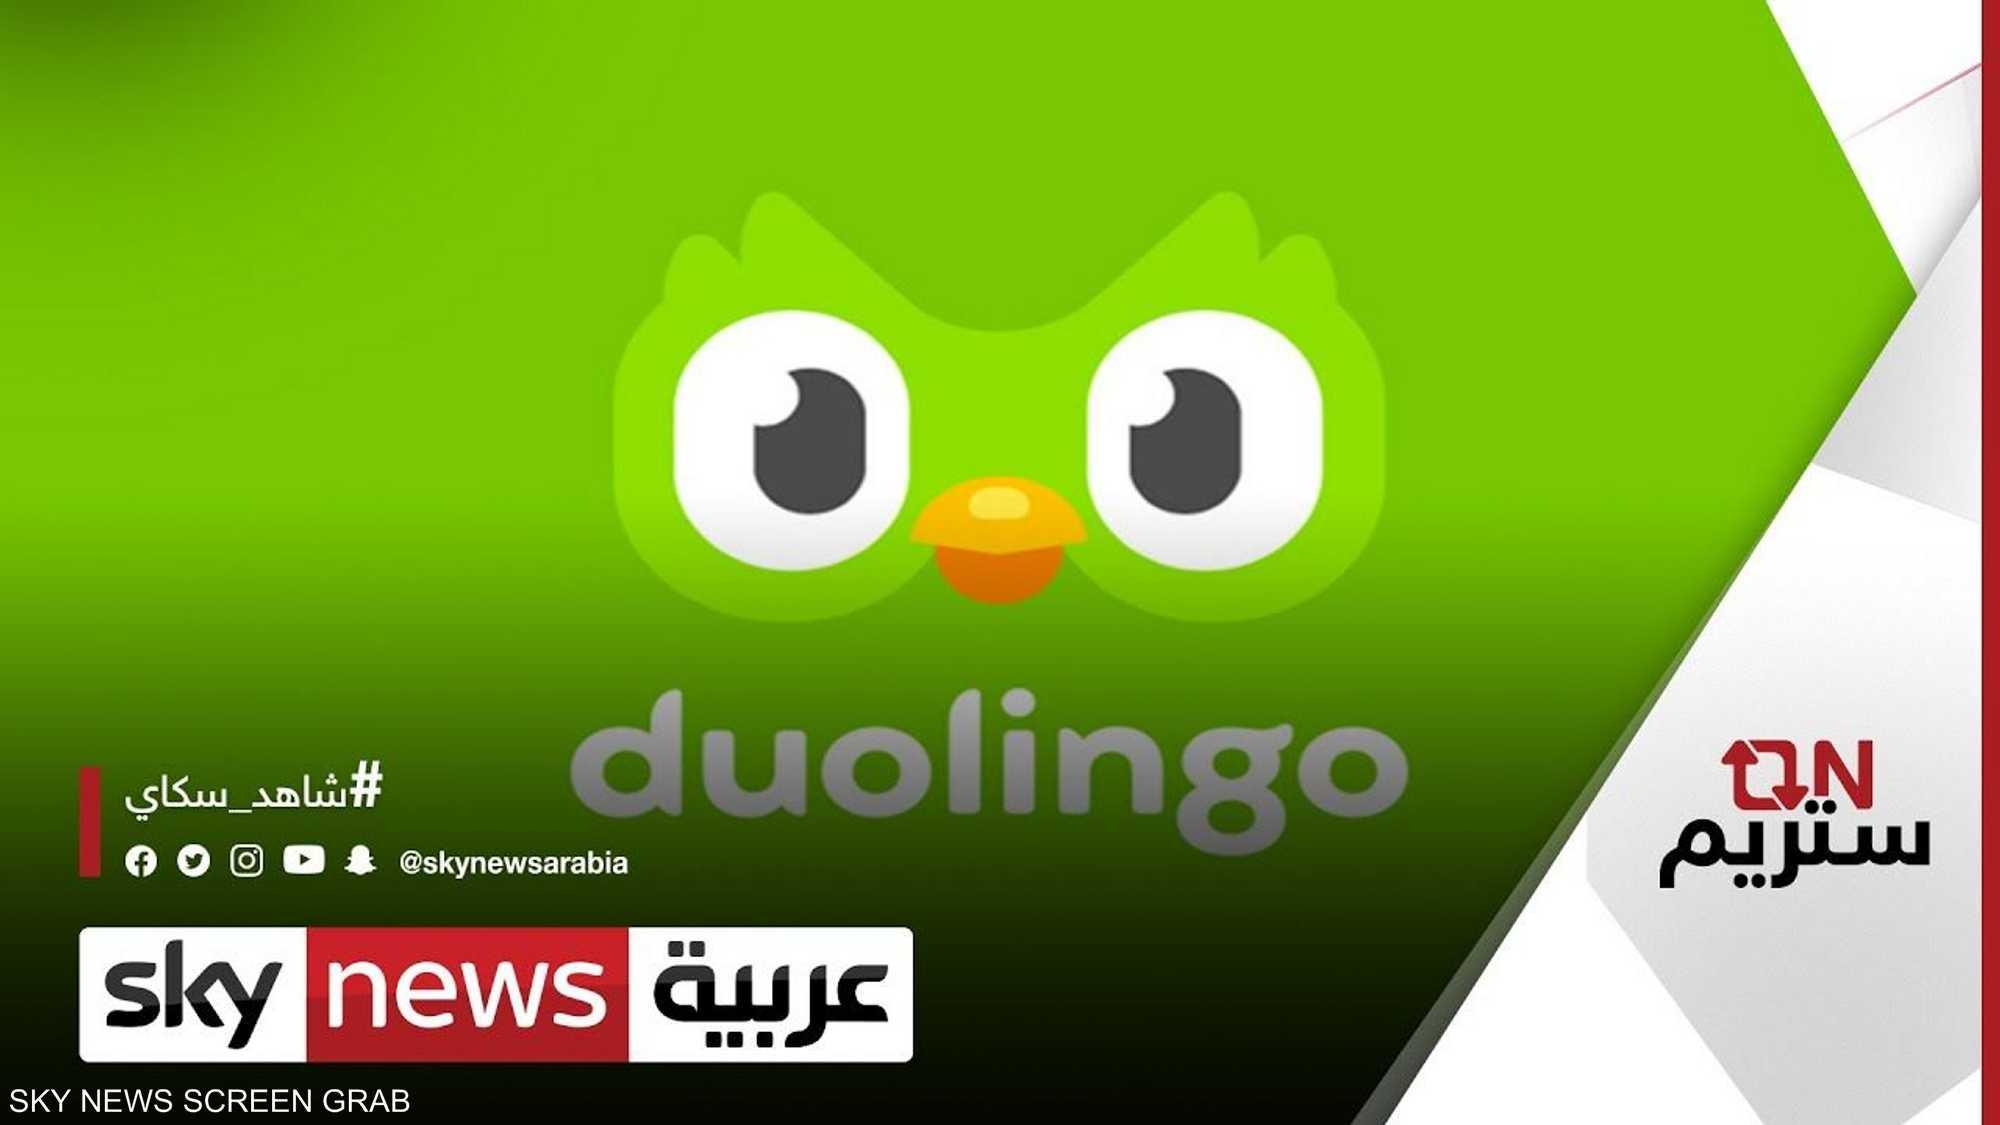 تطبيق ديولينغو ينافس تيك توك وإنستغرام بإصدار جديد